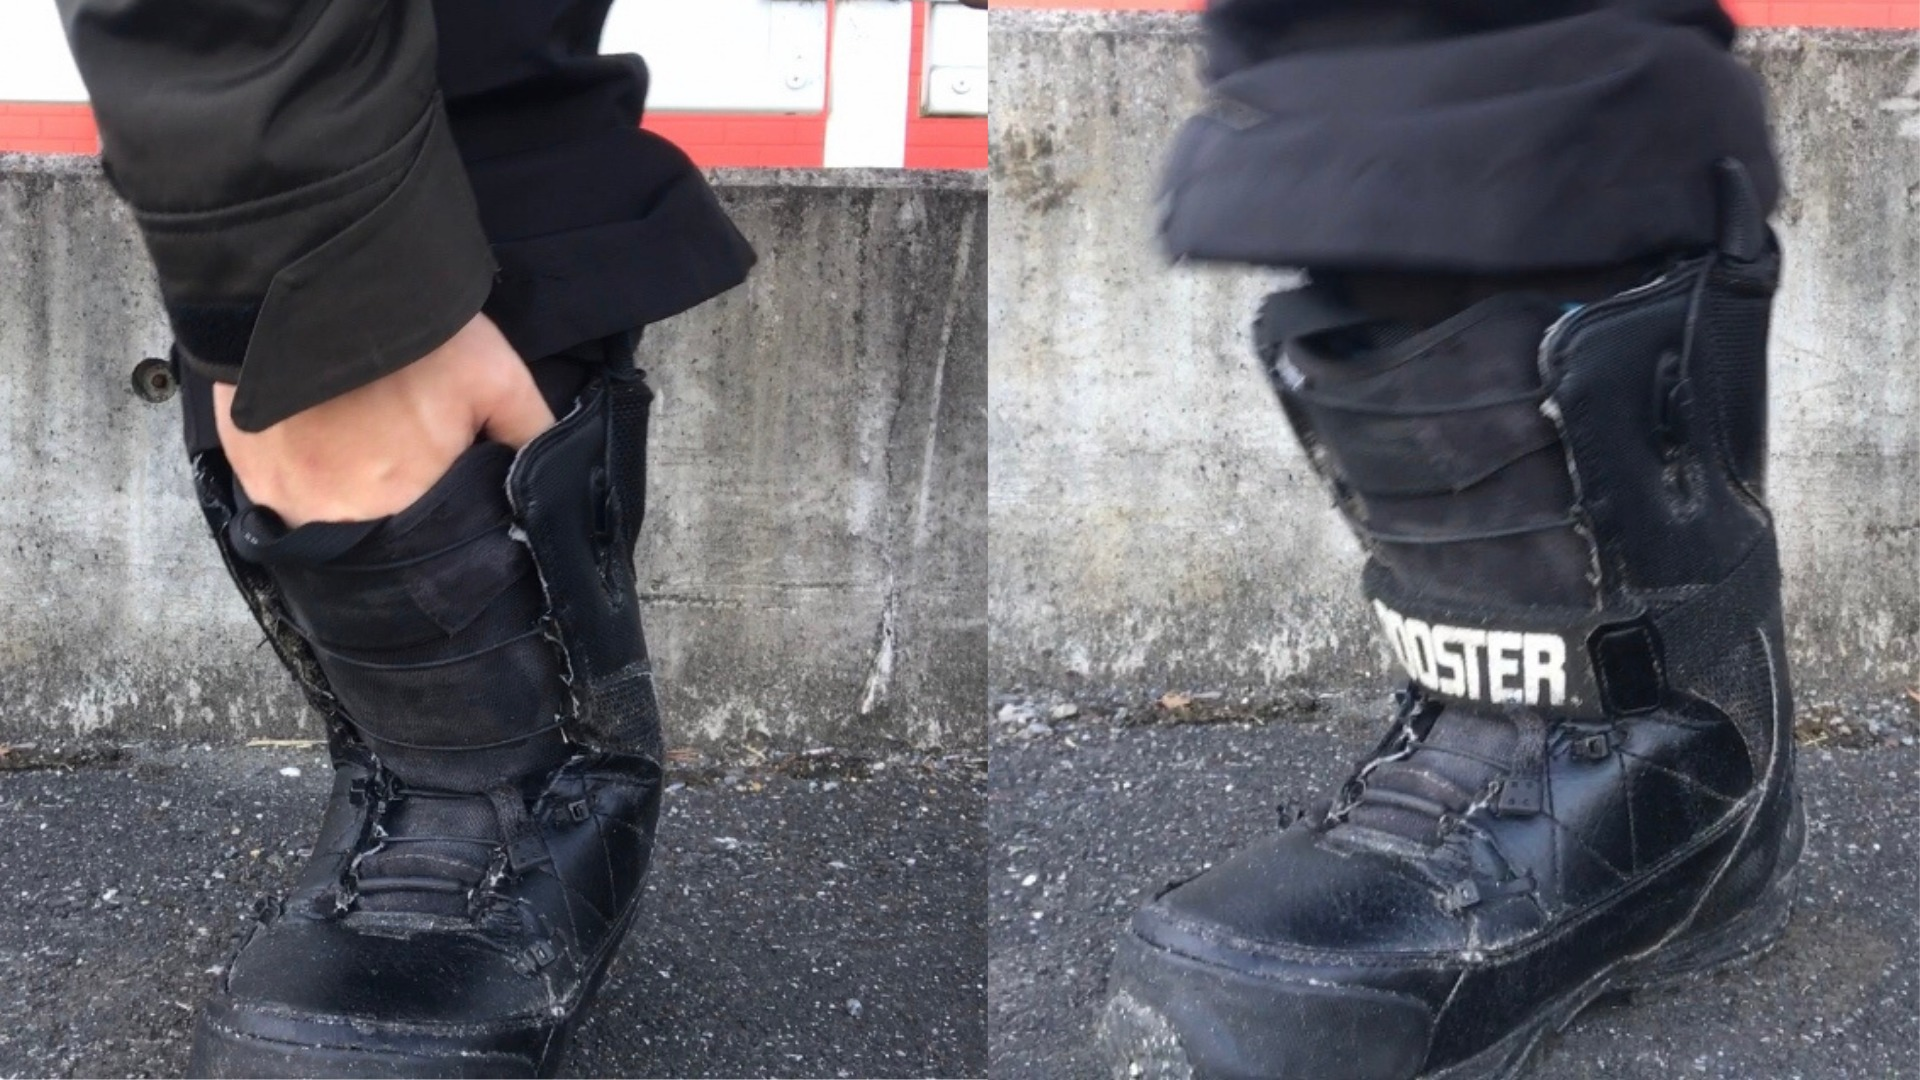 【ルーズフィット編】動けてバランスが取りやすいスノーボードブーツの履き方